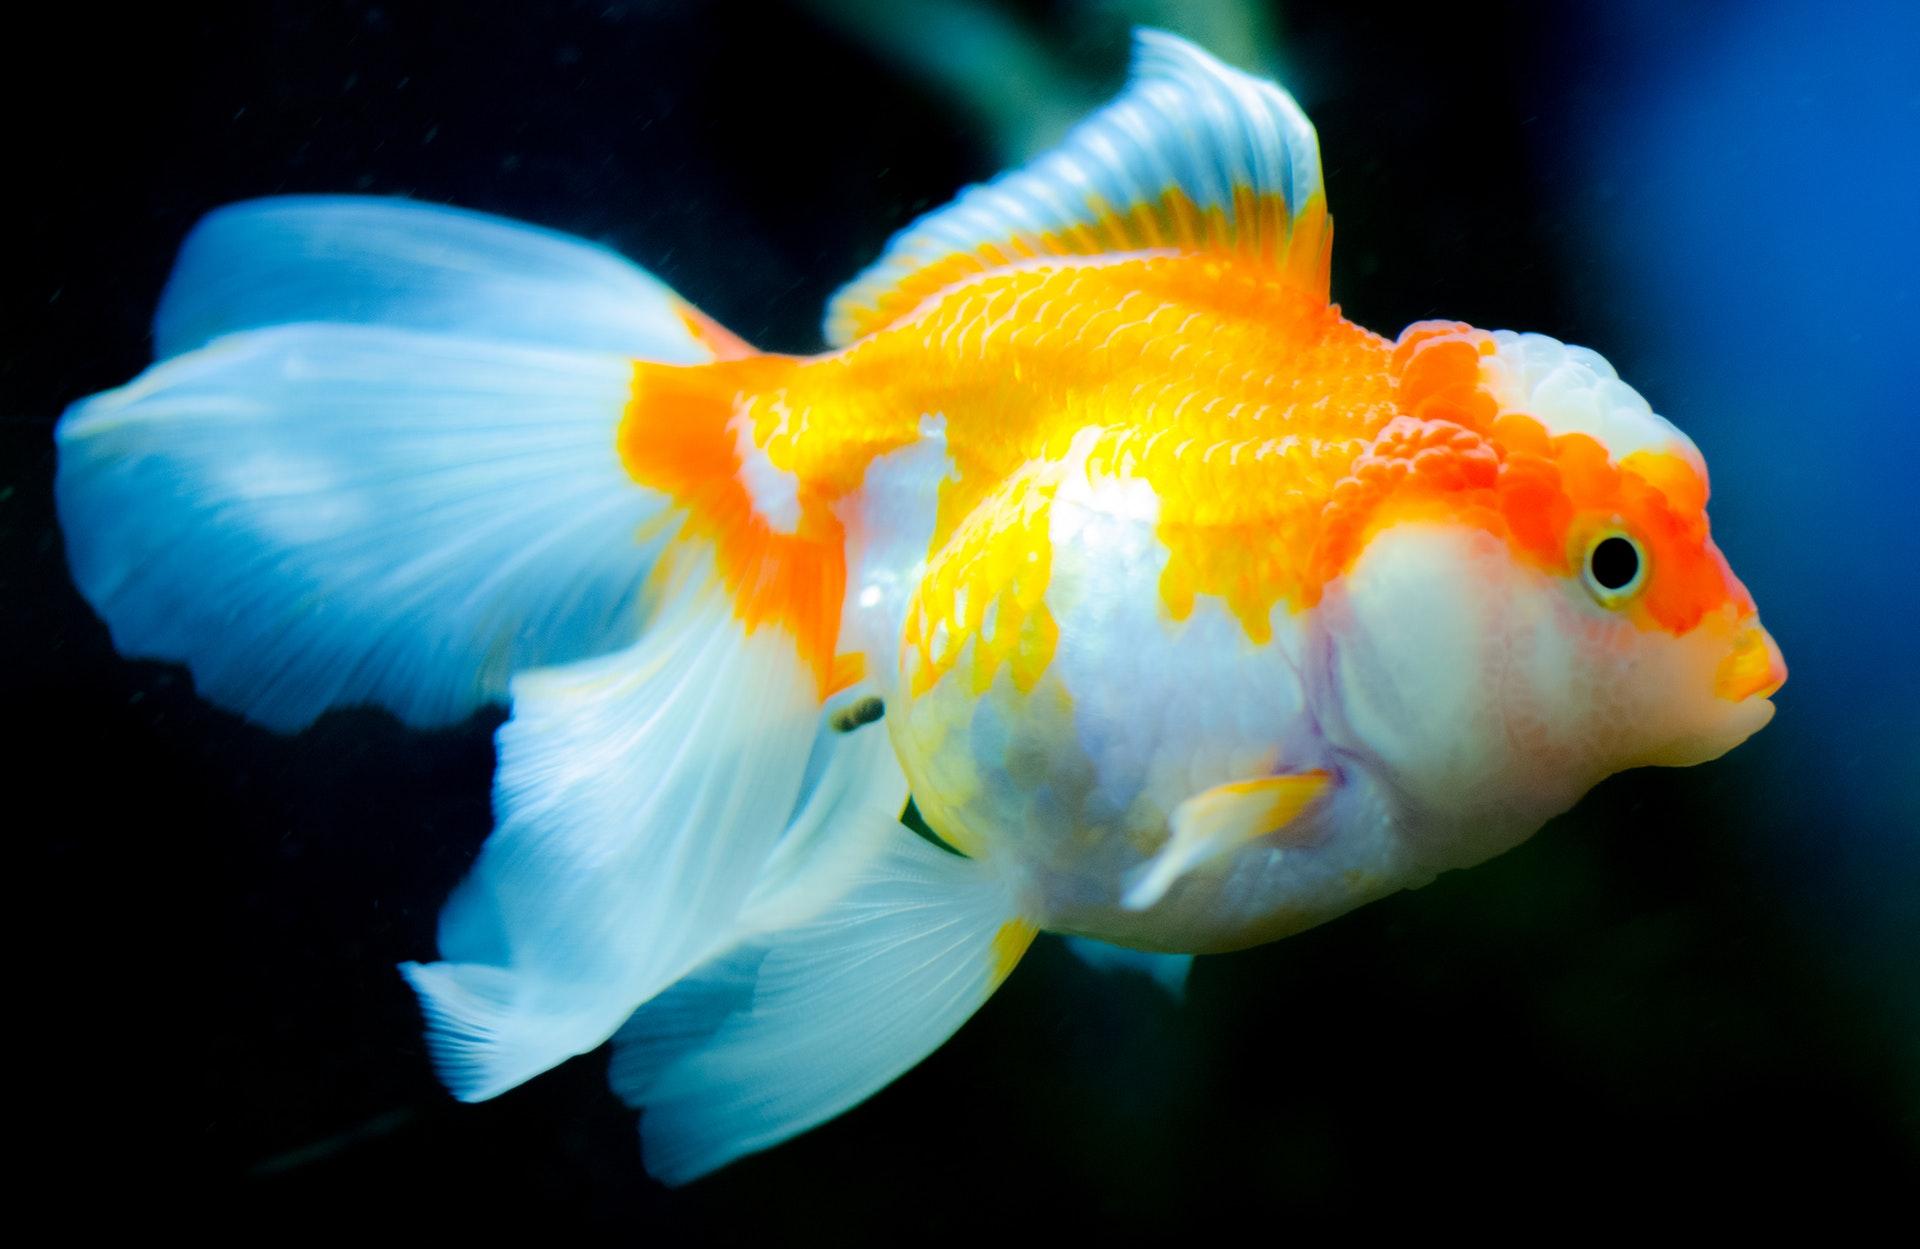 Sonhar com peixe grande é sinal de fartura.